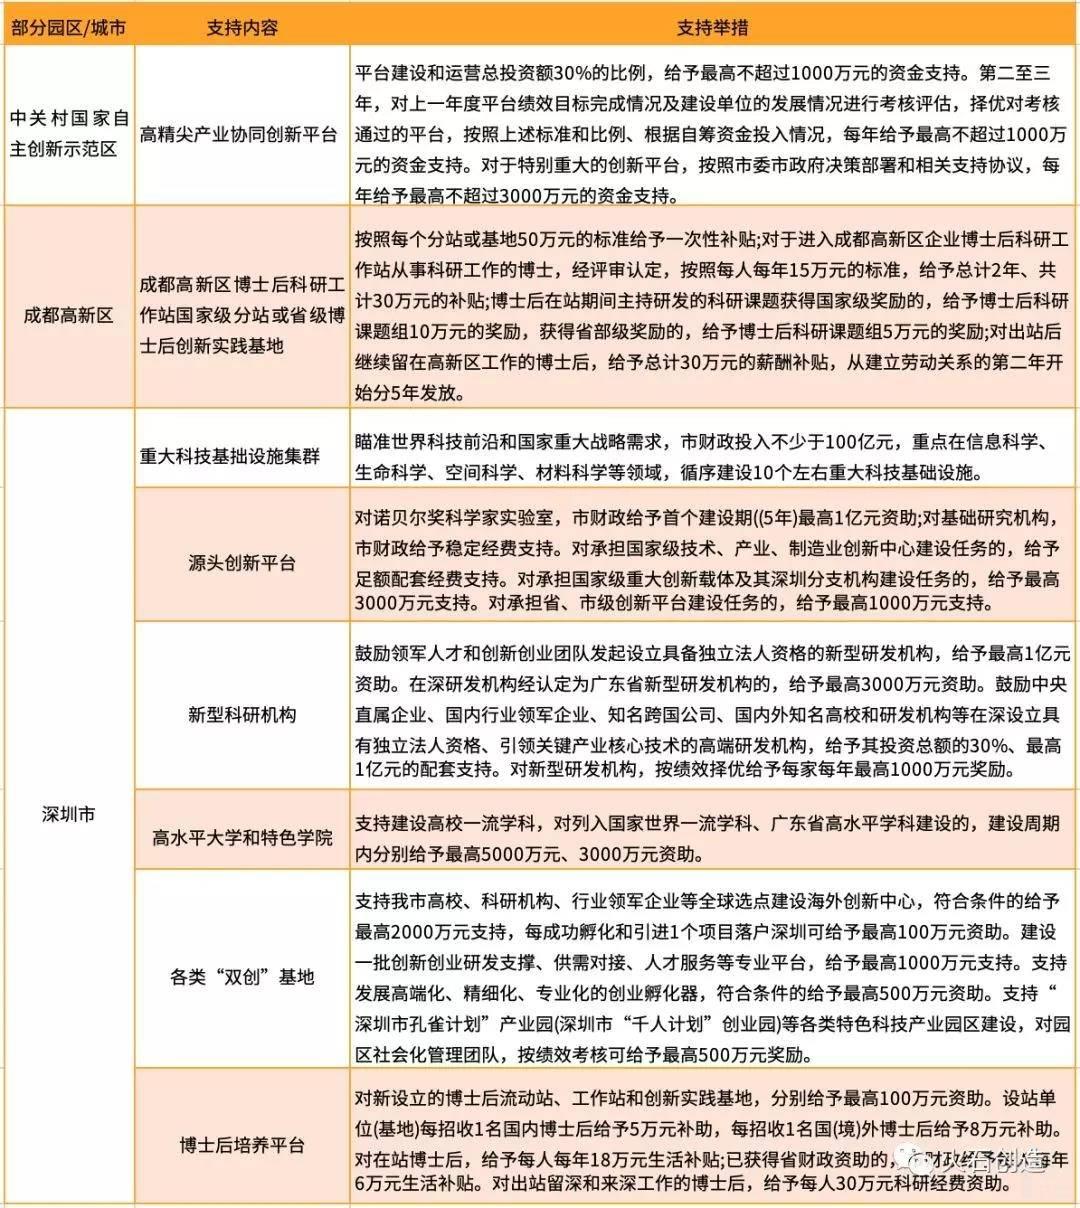 亿欧智库:部分园区平台建设相关政策及主要内容